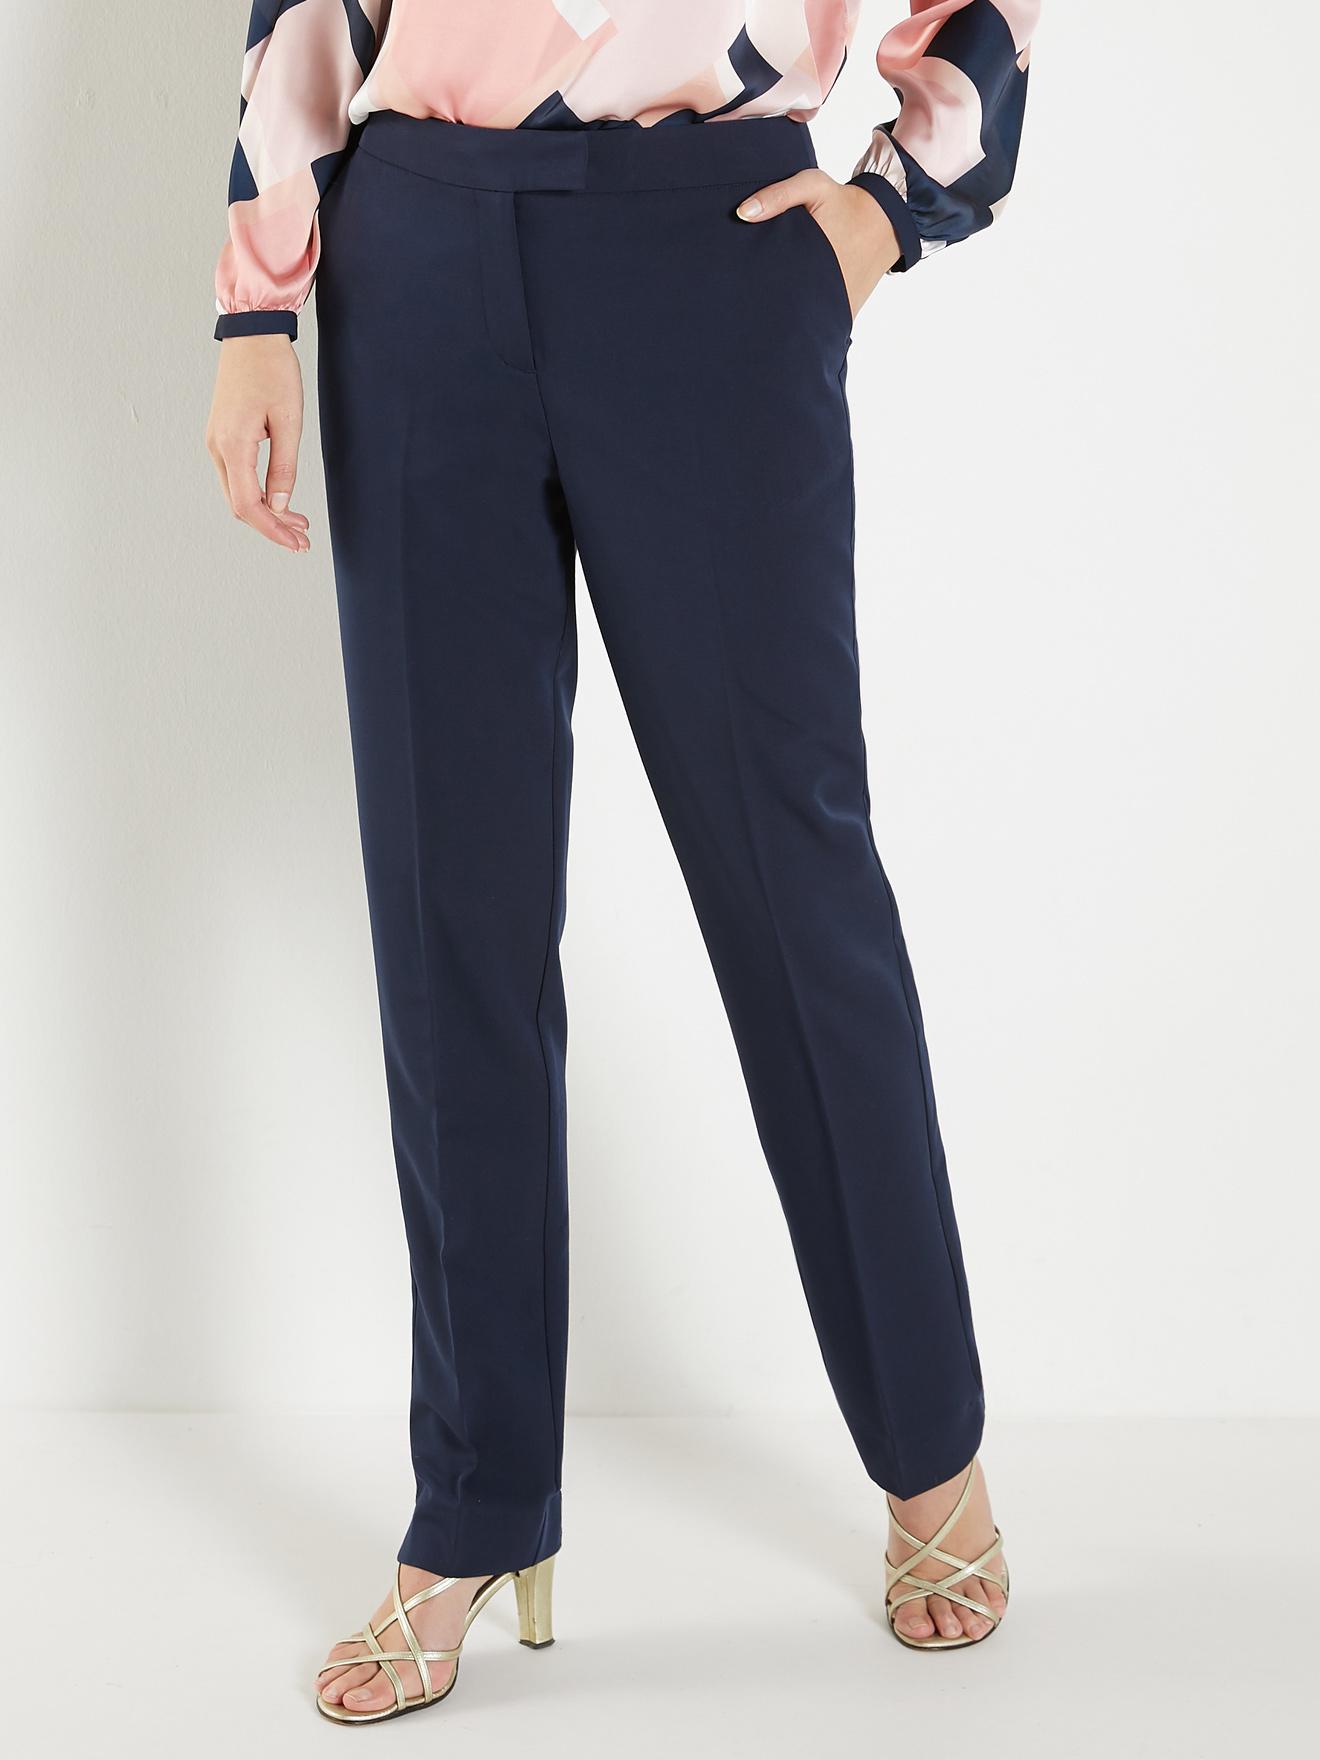 plus récent 99b6b d019e Pantalon classique, en tissu sergé